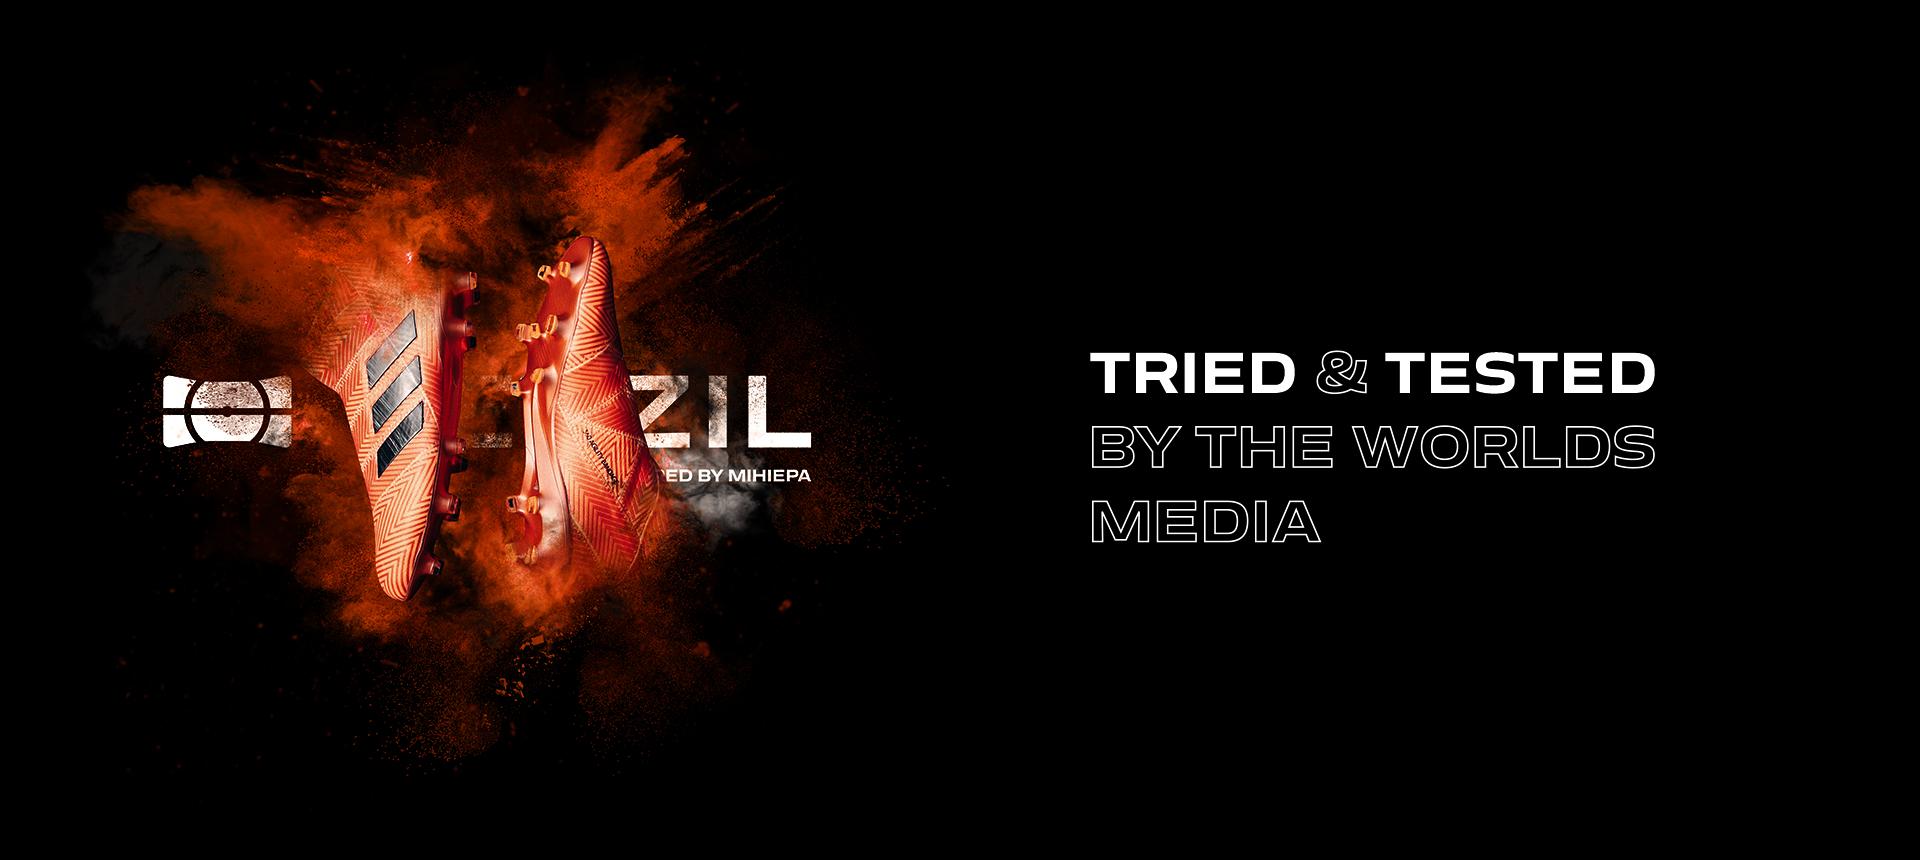 Rezzil Explosion Media Banner Image